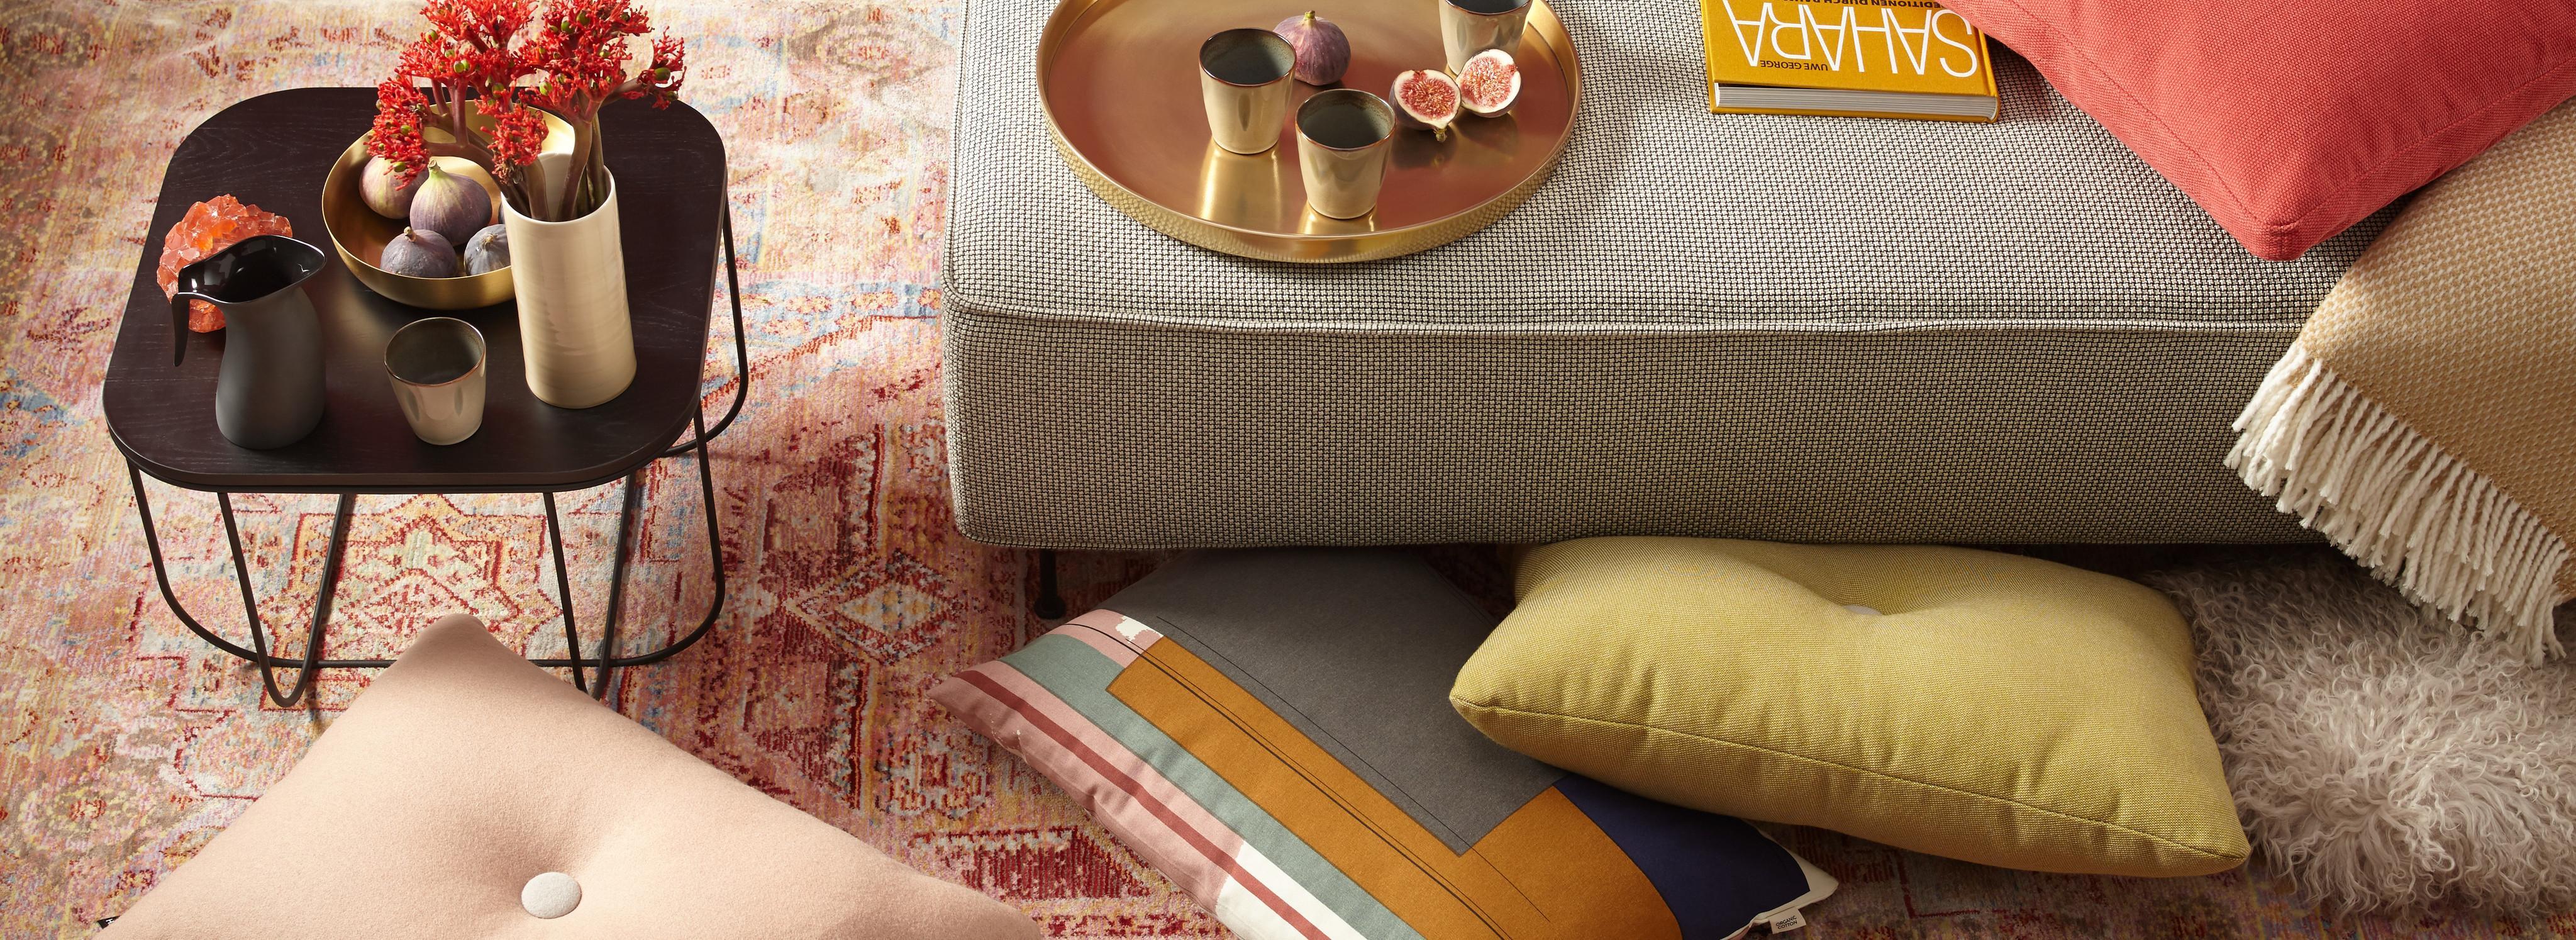 Ethno Style Ethno Schöner Wohnen Shop Couch